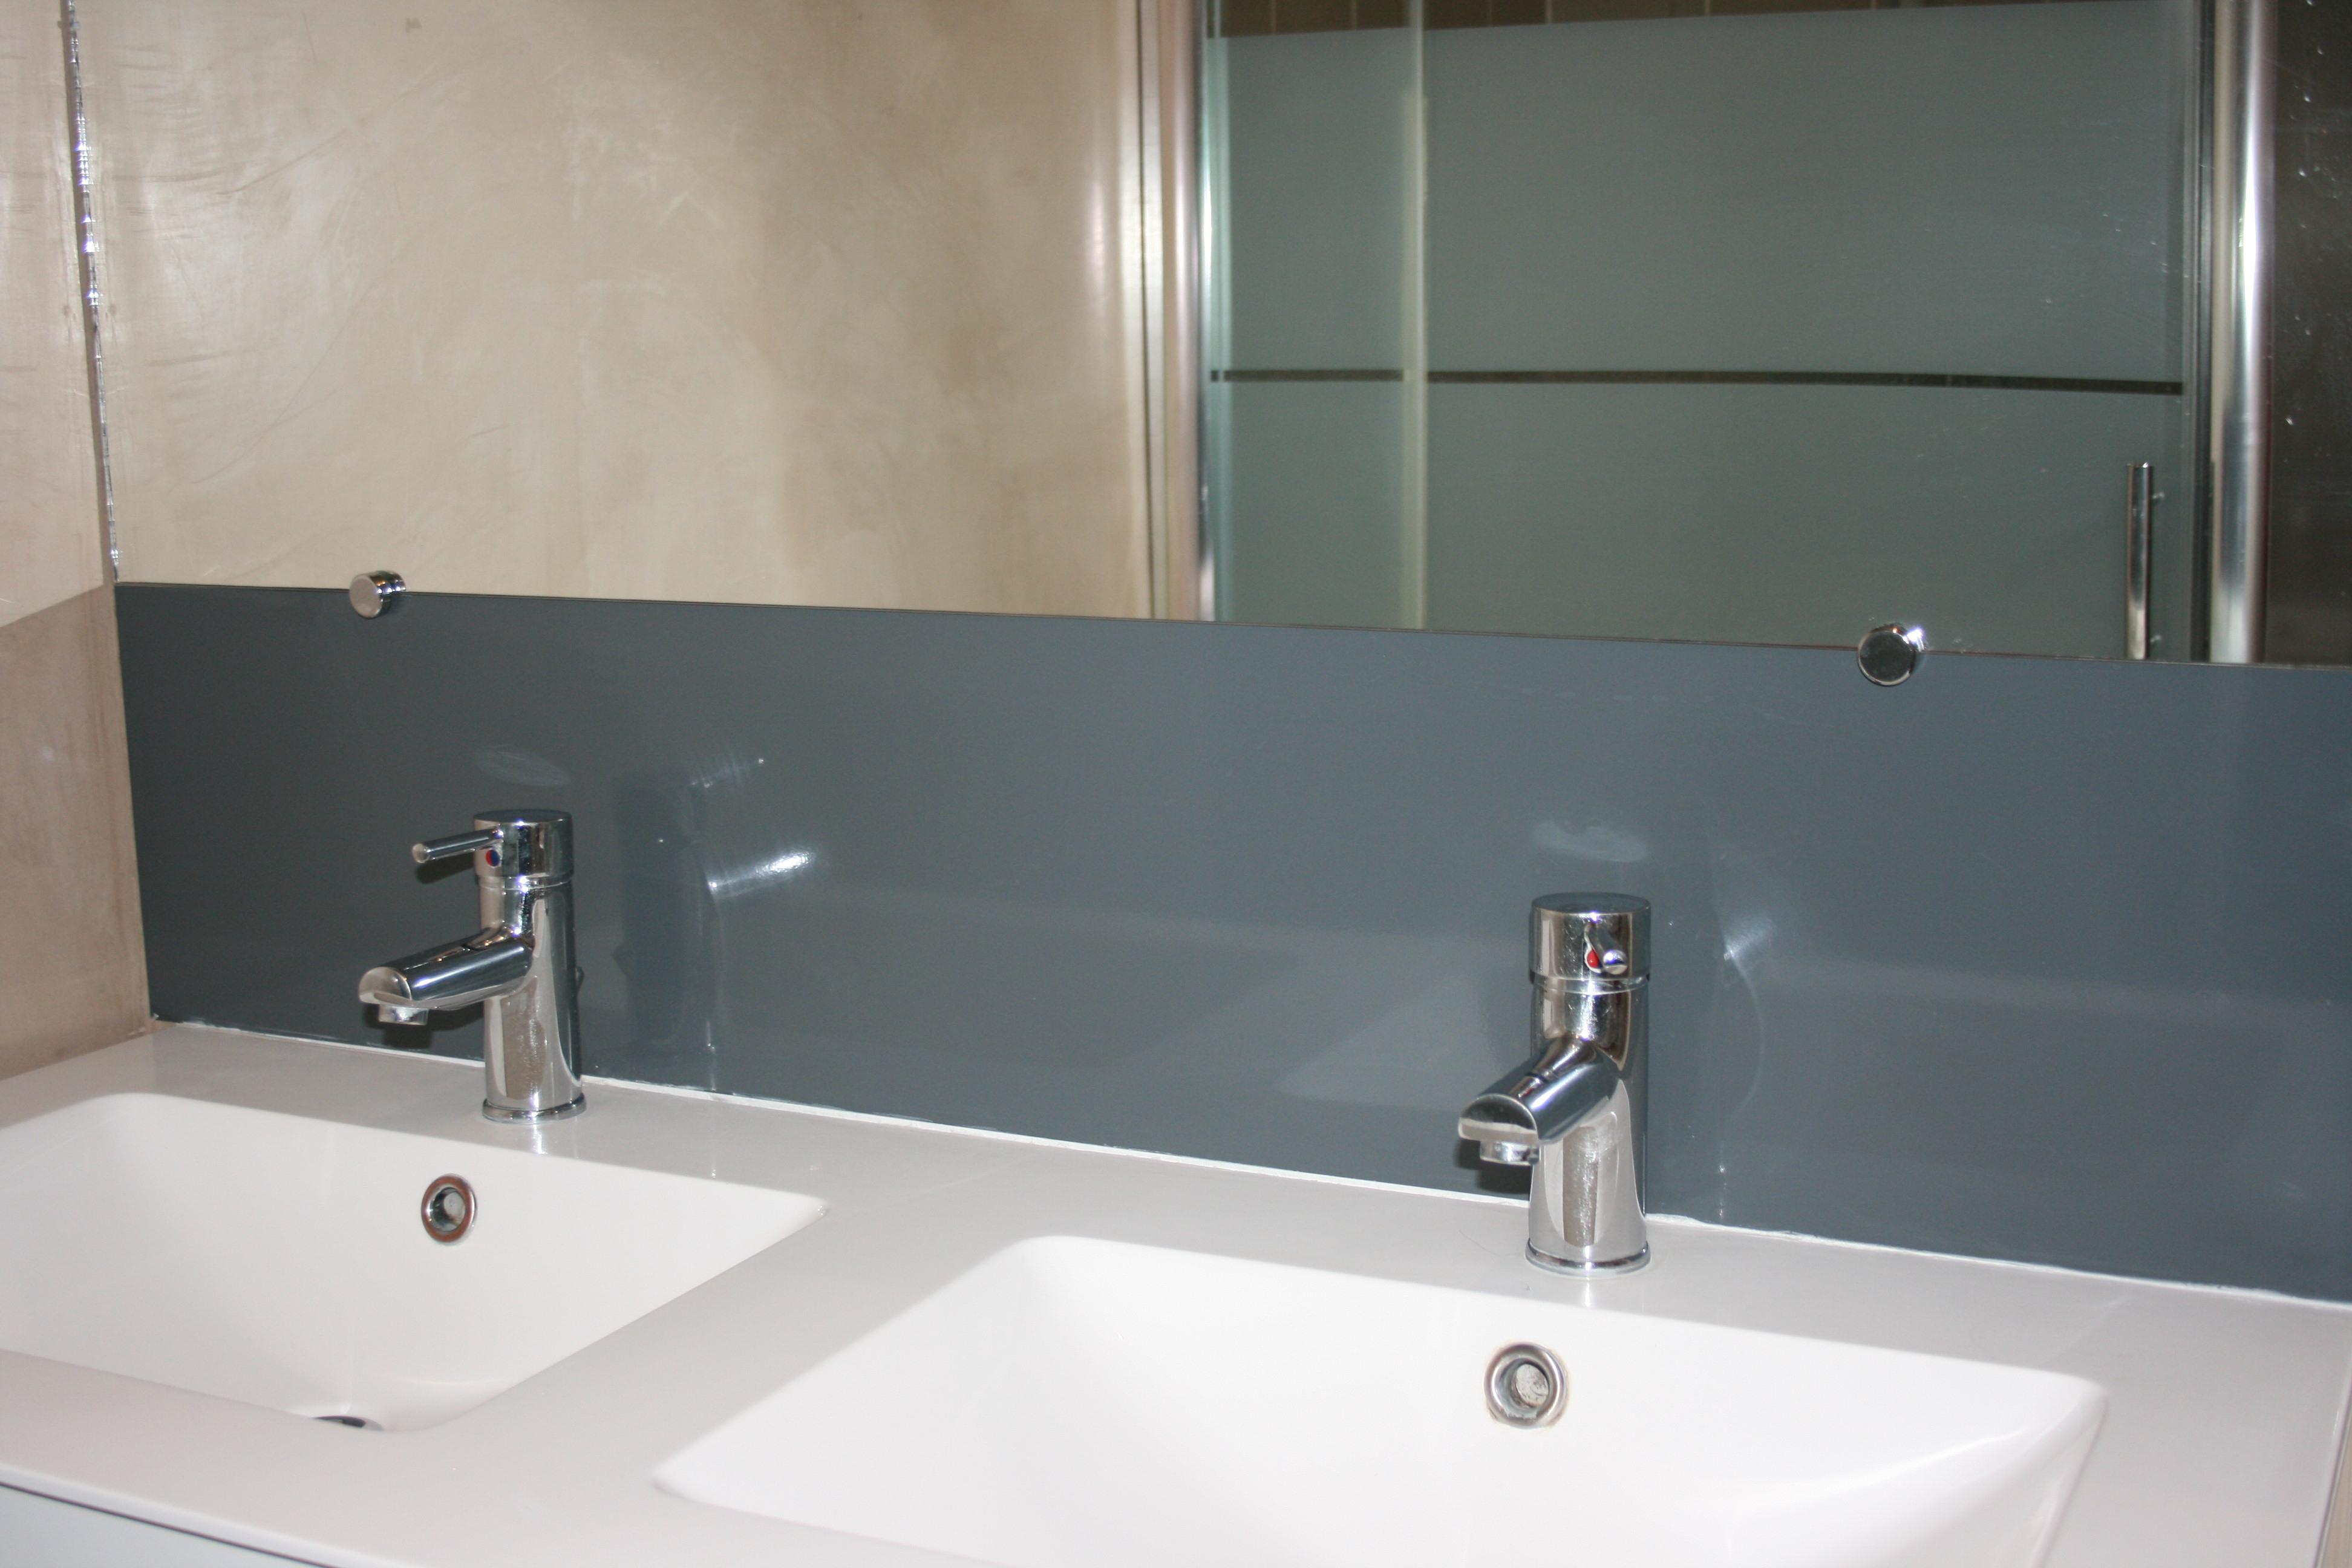 Credence Salle De Bain Lavabo Beau Image L Aluminium Couleur Pour toutes Vos Idées Design Alucouleur